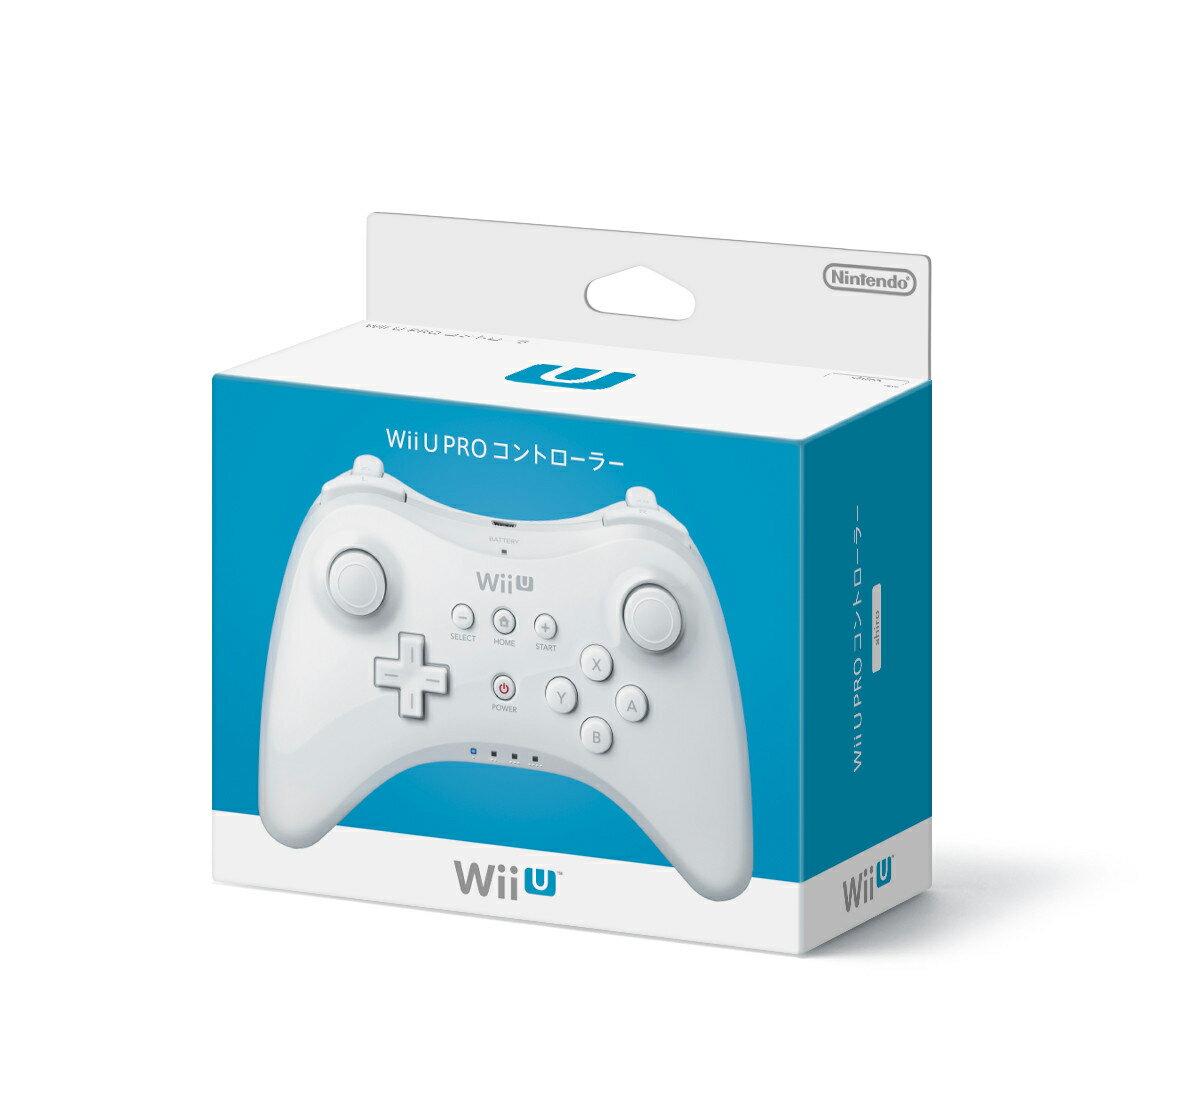 Wii U PRO コントローラー シロ (shiro)